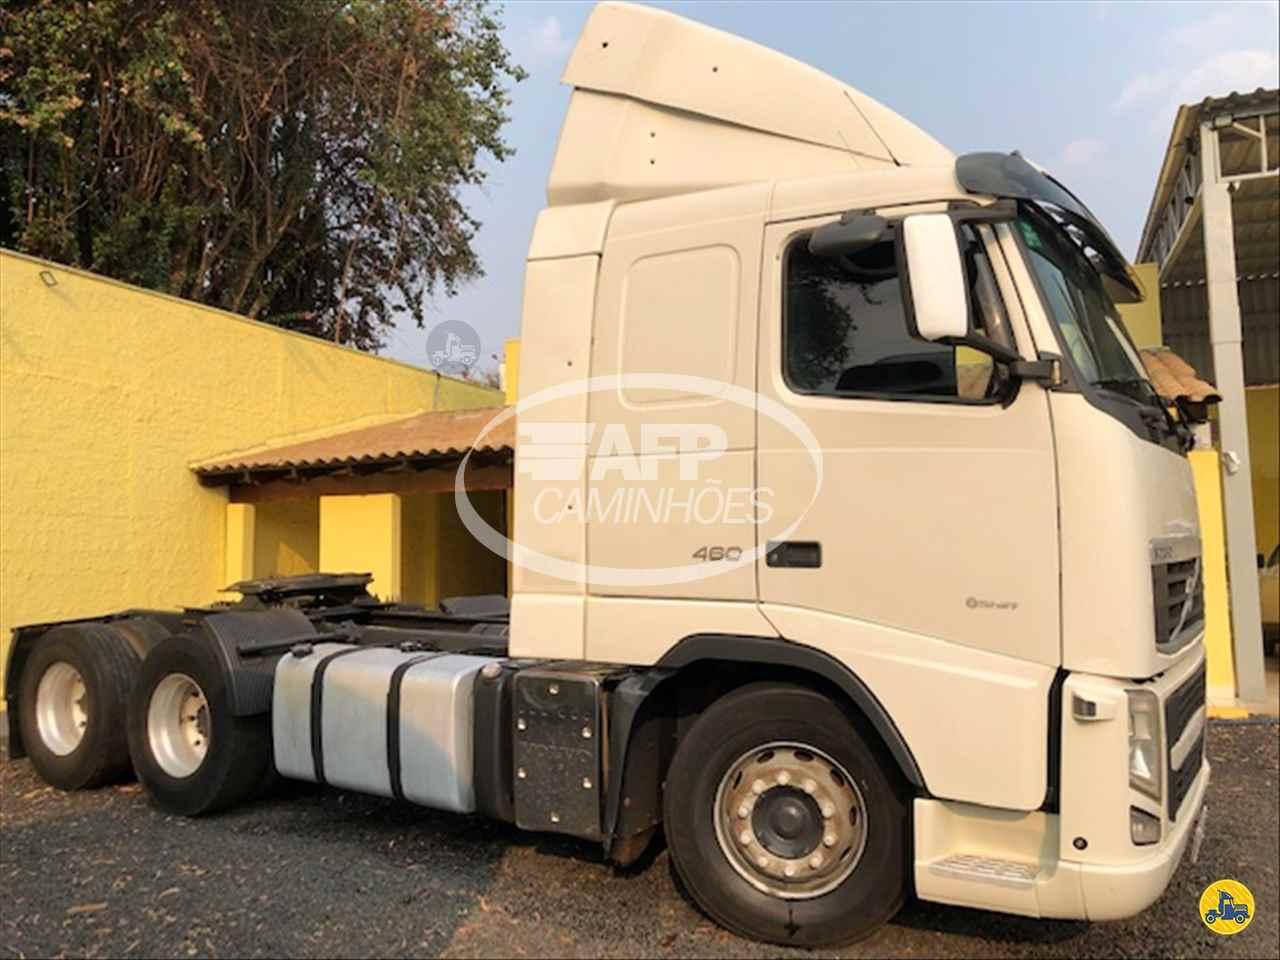 CAMINHAO VOLVO VOLVO FH 460 Cavalo Mecânico Truck 6x2 AFP Caminhões UBERLANDIA MINAS GERAIS MG